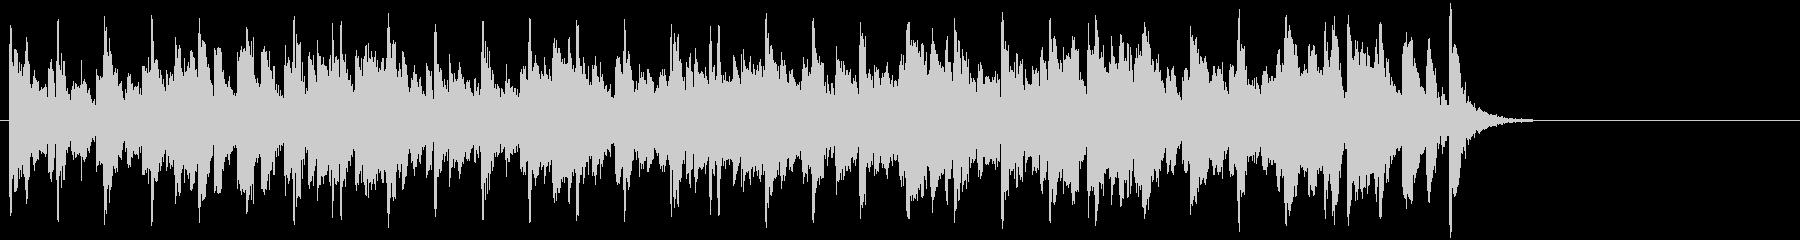 ほのぼのしたポップジャズ(Aメロ~サビ)の未再生の波形